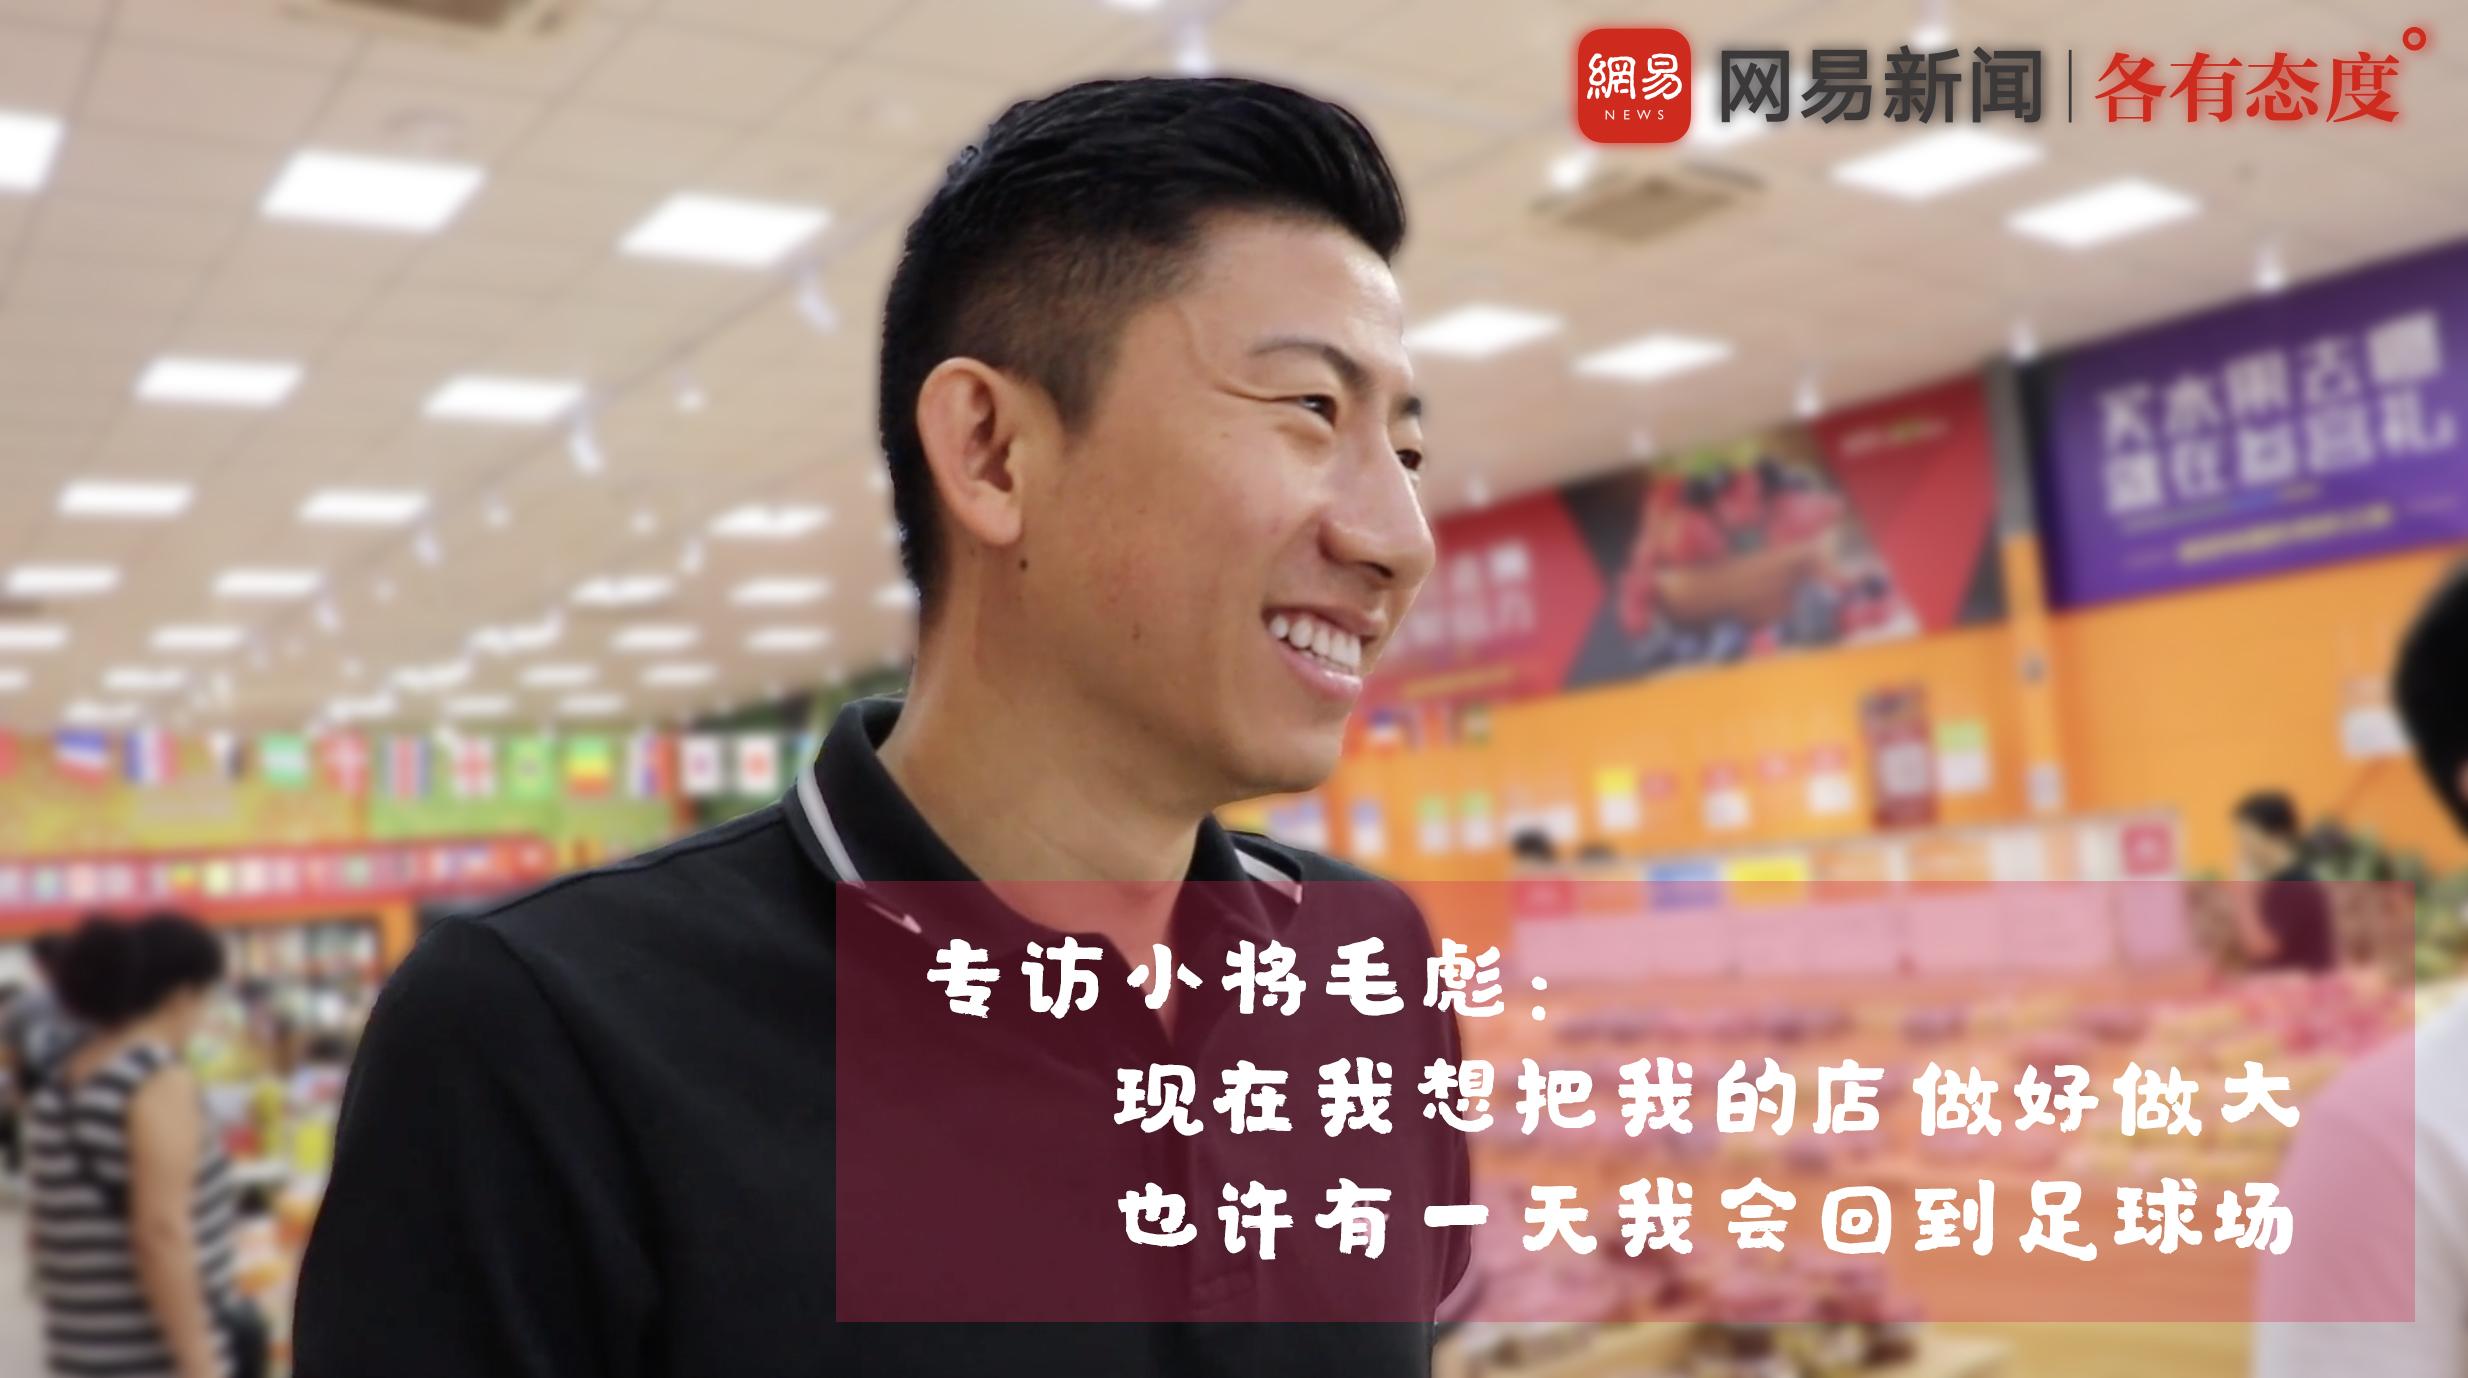 毛彪:我想把我的店做到上市 总有一天会回到足球场